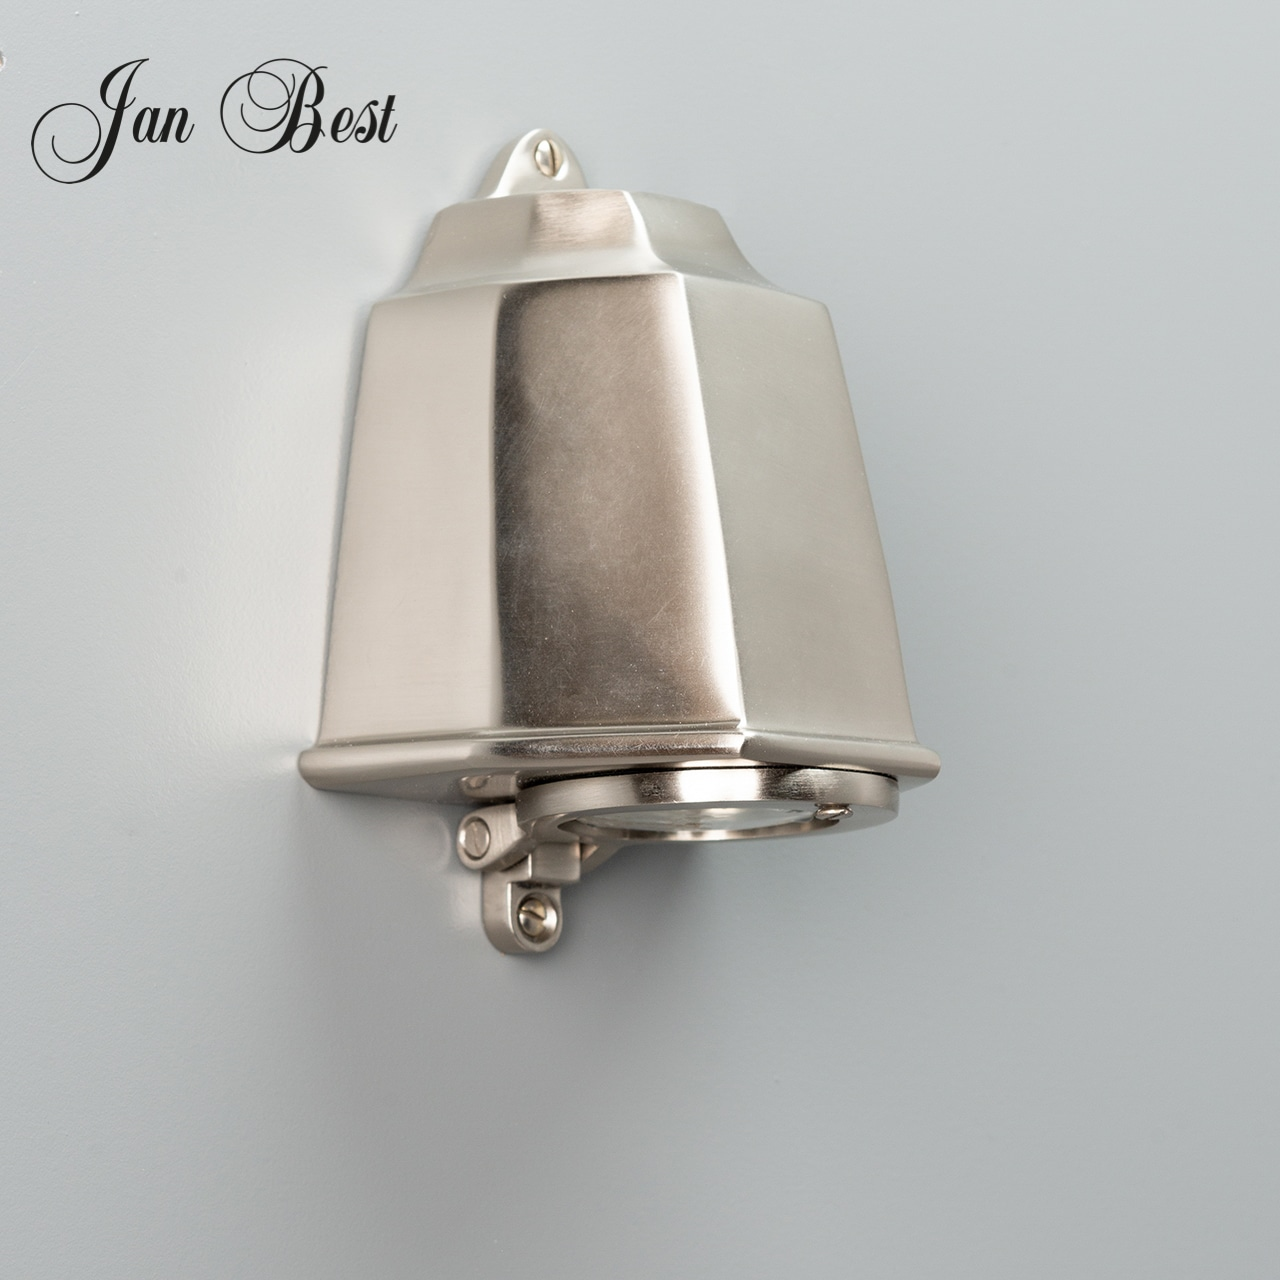 jan-best-messing-brons-downlighter-wandlamp-outdoor-buitenlamp-tuin-terras-buiten-horeca-nostalgische-klassieke-verlichting-aalsmeer